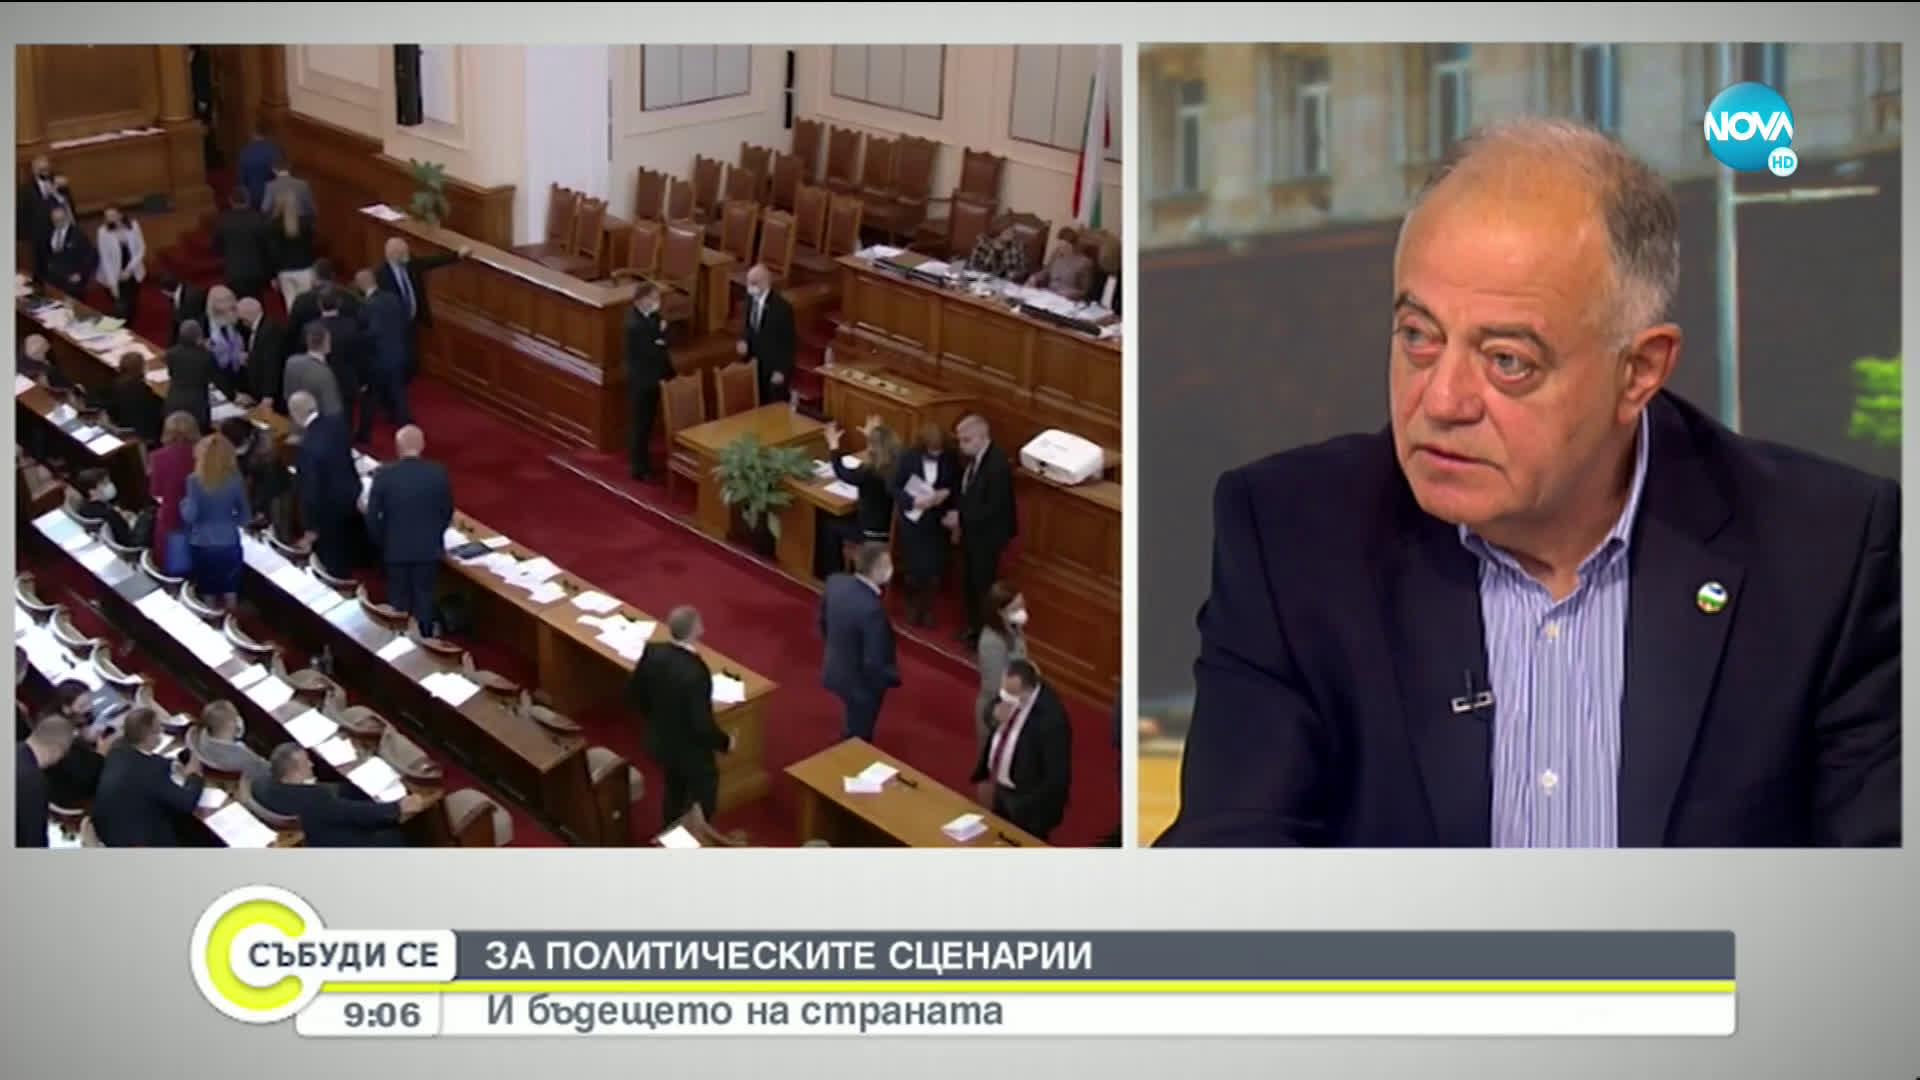 """Атанасов: Ако бъдем поканени от """"Има такъв народ"""" за разговори, ще се отзовем"""